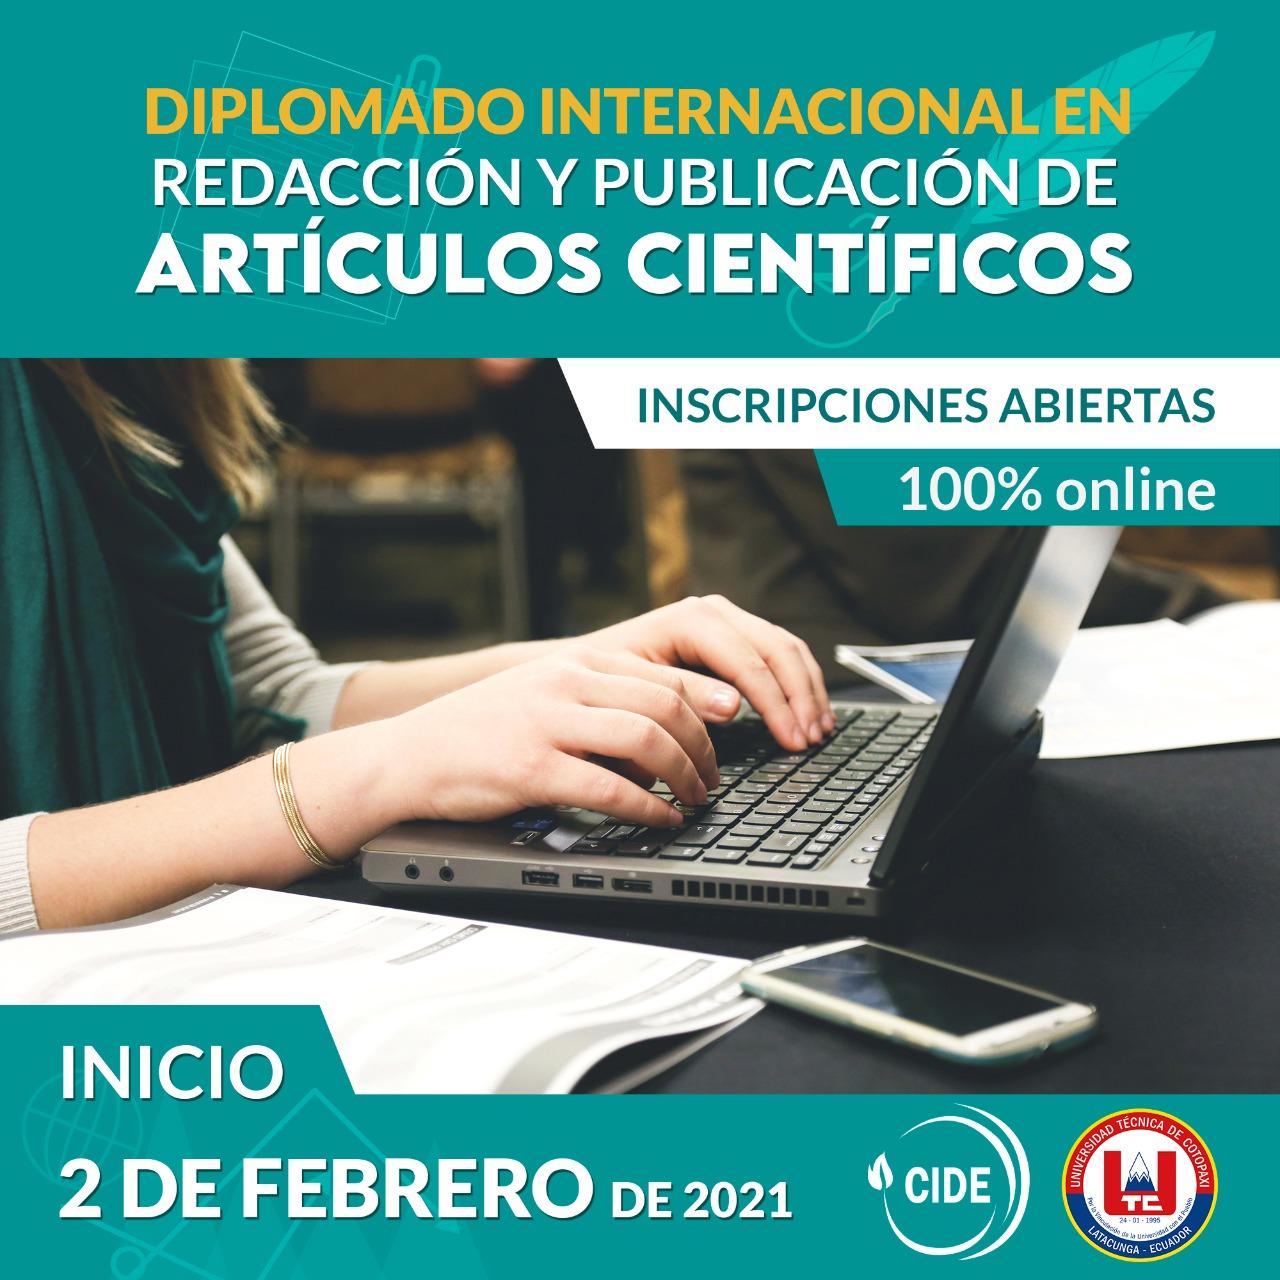 Diplomado Internacional en Redacción y Publicación de Artículos Científicos